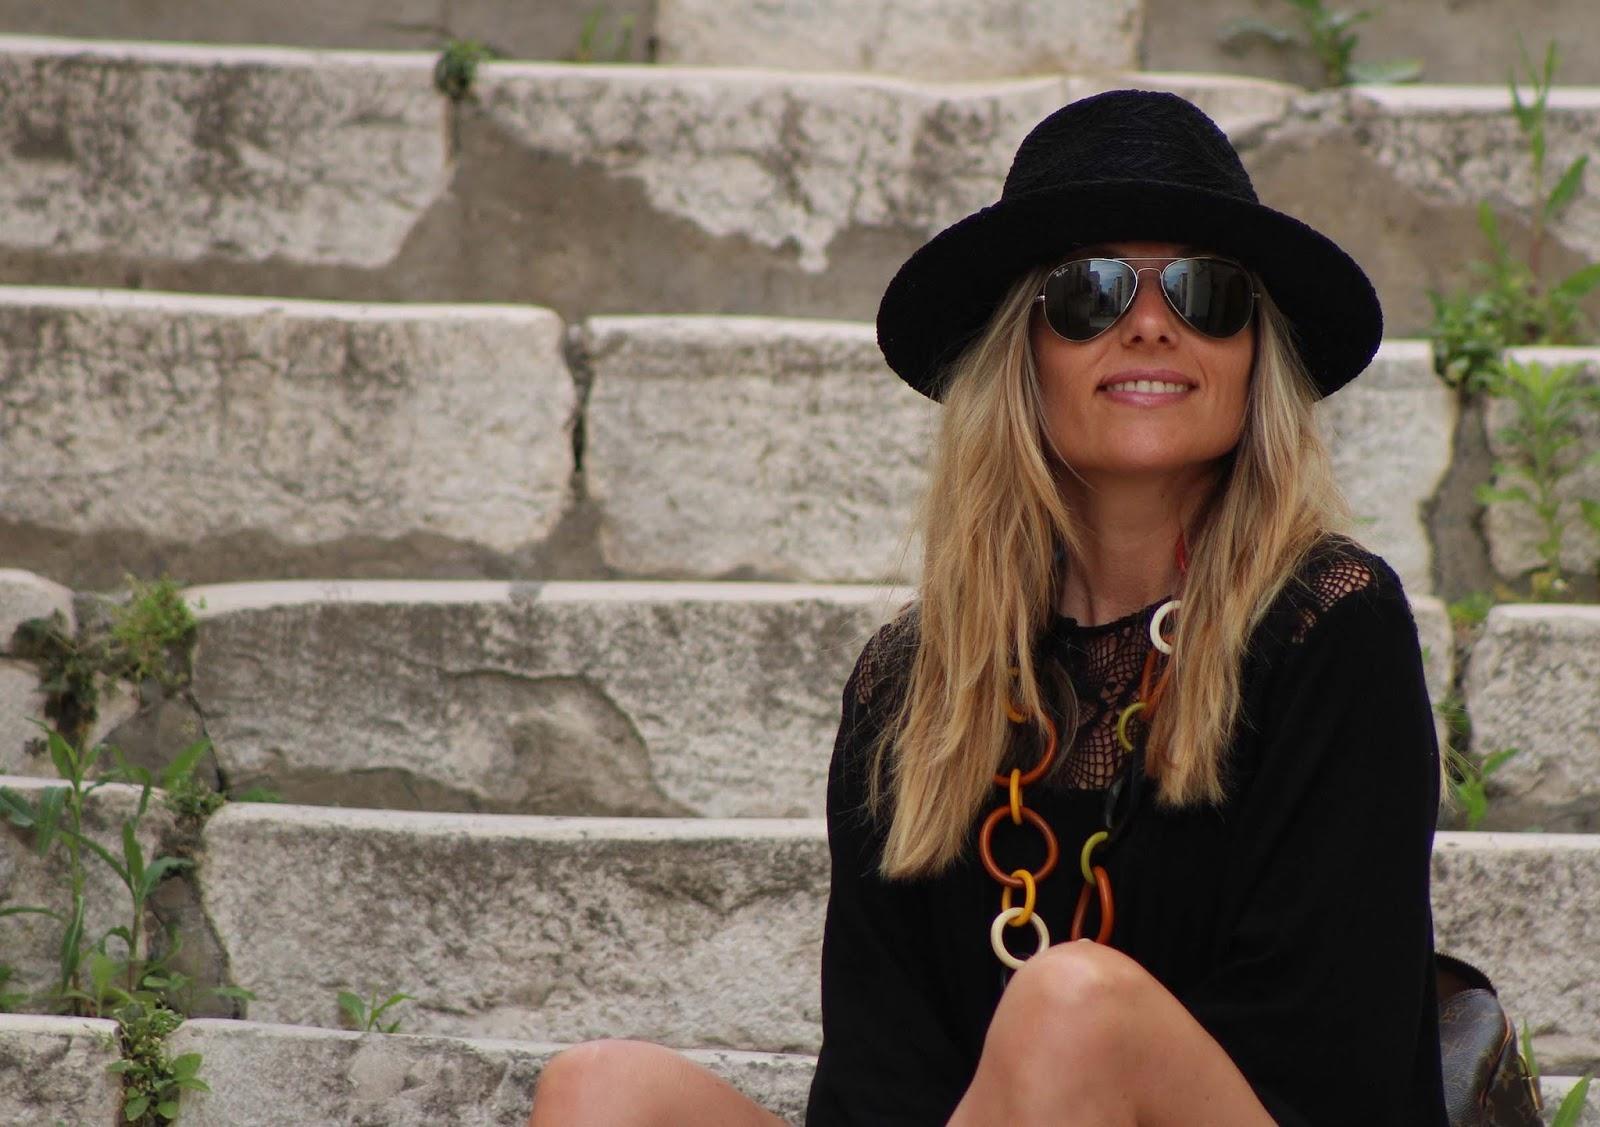 Eniwhere Fashion - Boho chic a Viestehic a Vieste